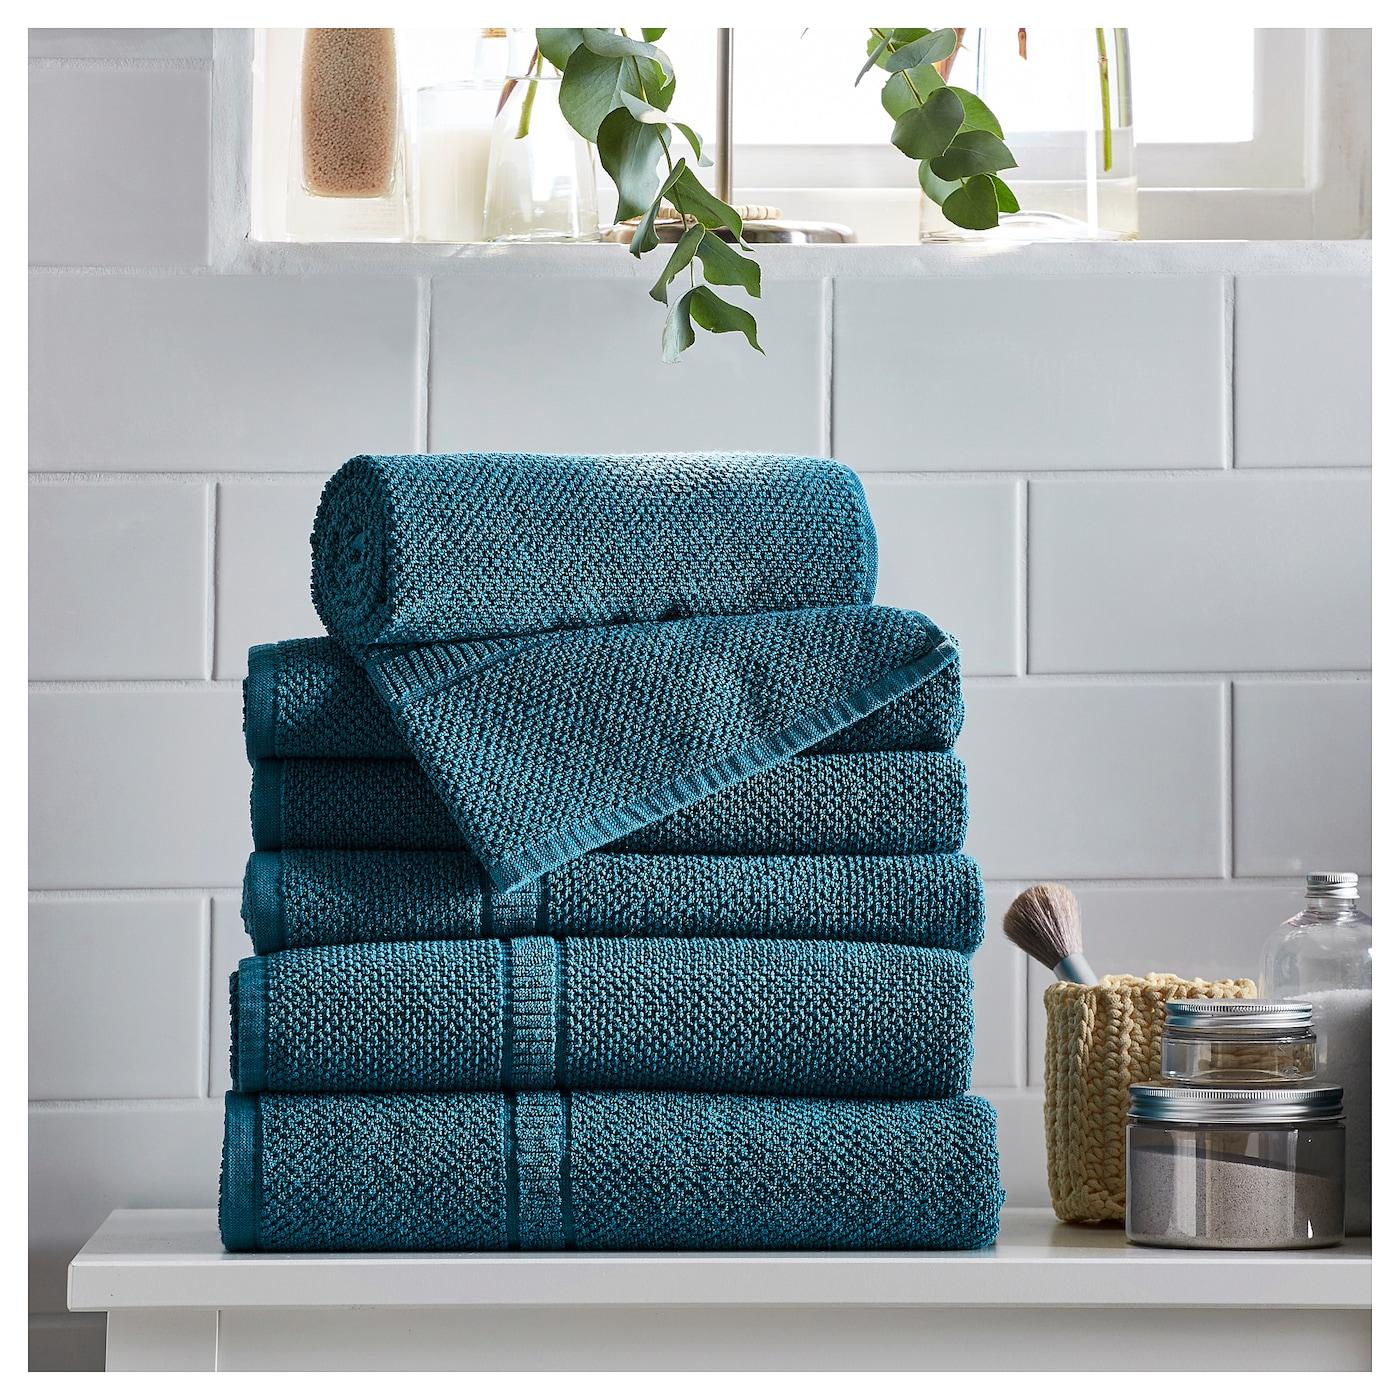 Fr jen toalla de ba o azul verdoso 70 x 140 cm ikea - Toallas de bano ikea ...